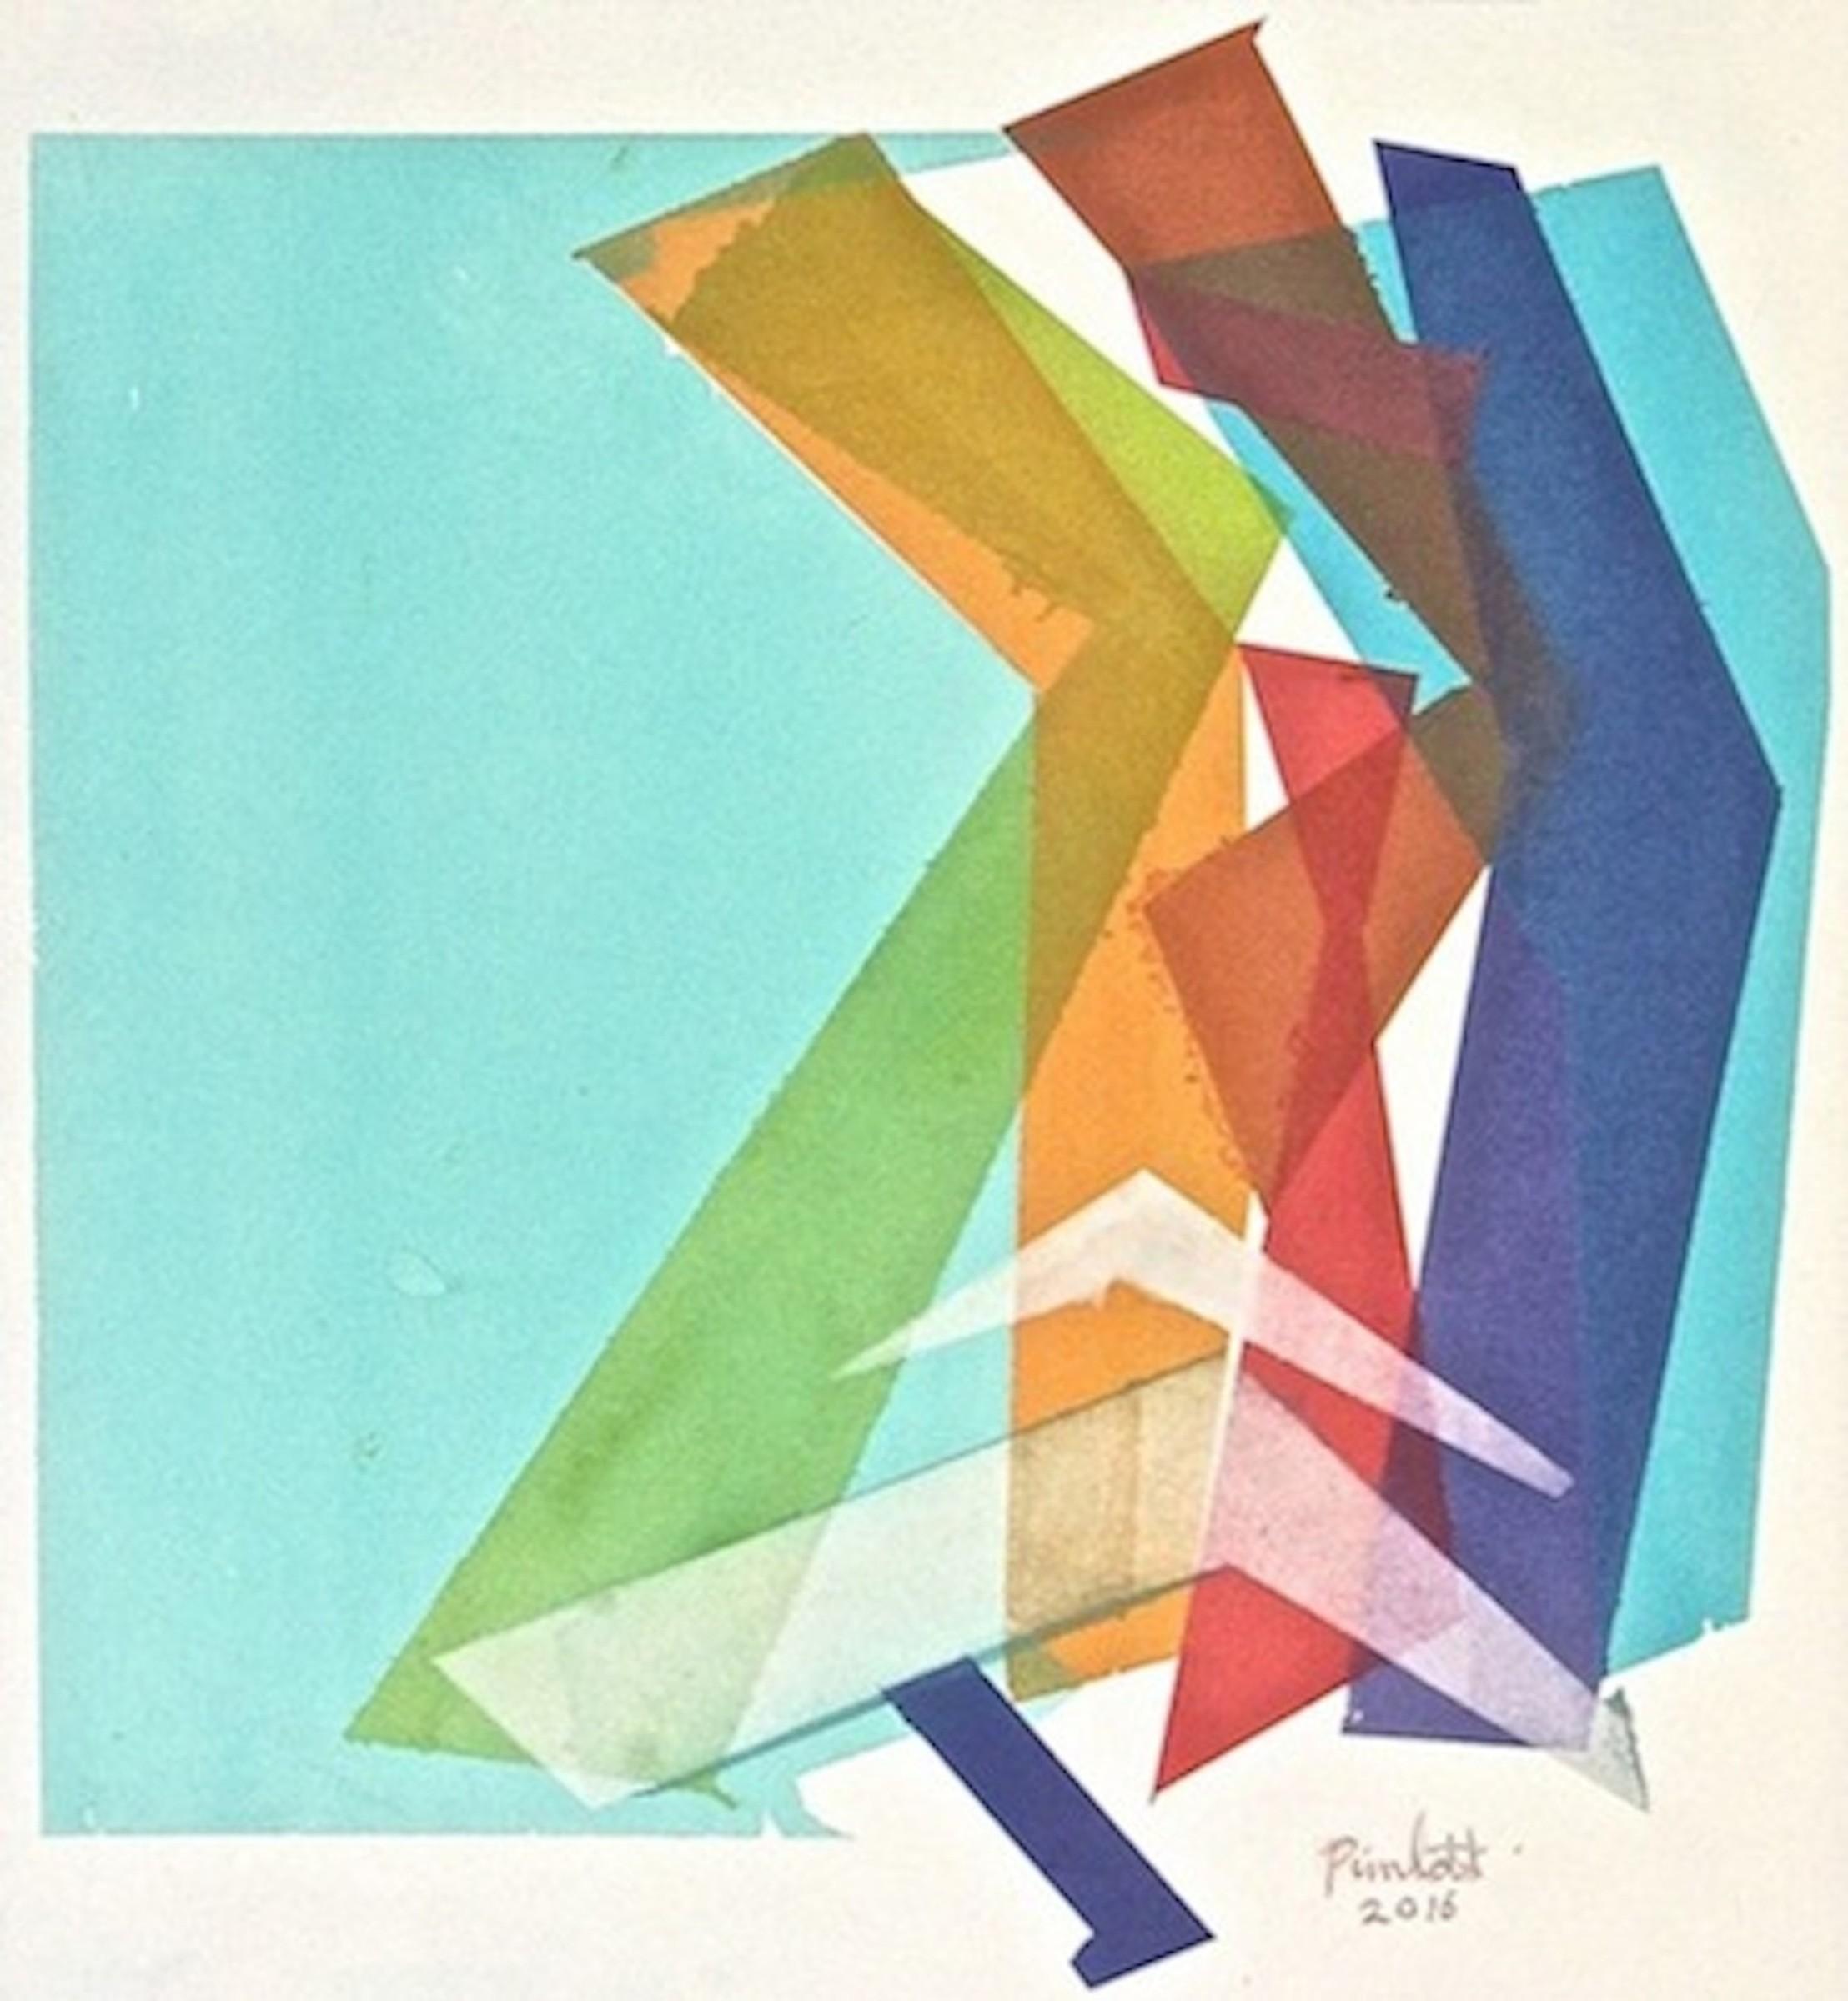 <span class=&#34;link fancybox-details-link&#34;><a href=&#34;/exhibitions/24/works/artworks_standalone10773/&#34;>View Detail Page</a></span><div class=&#34;artist&#34;><span class=&#34;artist&#34;><strong>Geoffrey Pimlott</strong></span></div><div class=&#34;title&#34;><em>Flat Cube Split</em></div><div class=&#34;medium&#34;>watercolour</div><div class=&#34;dimensions&#34;>47x45cm</div>